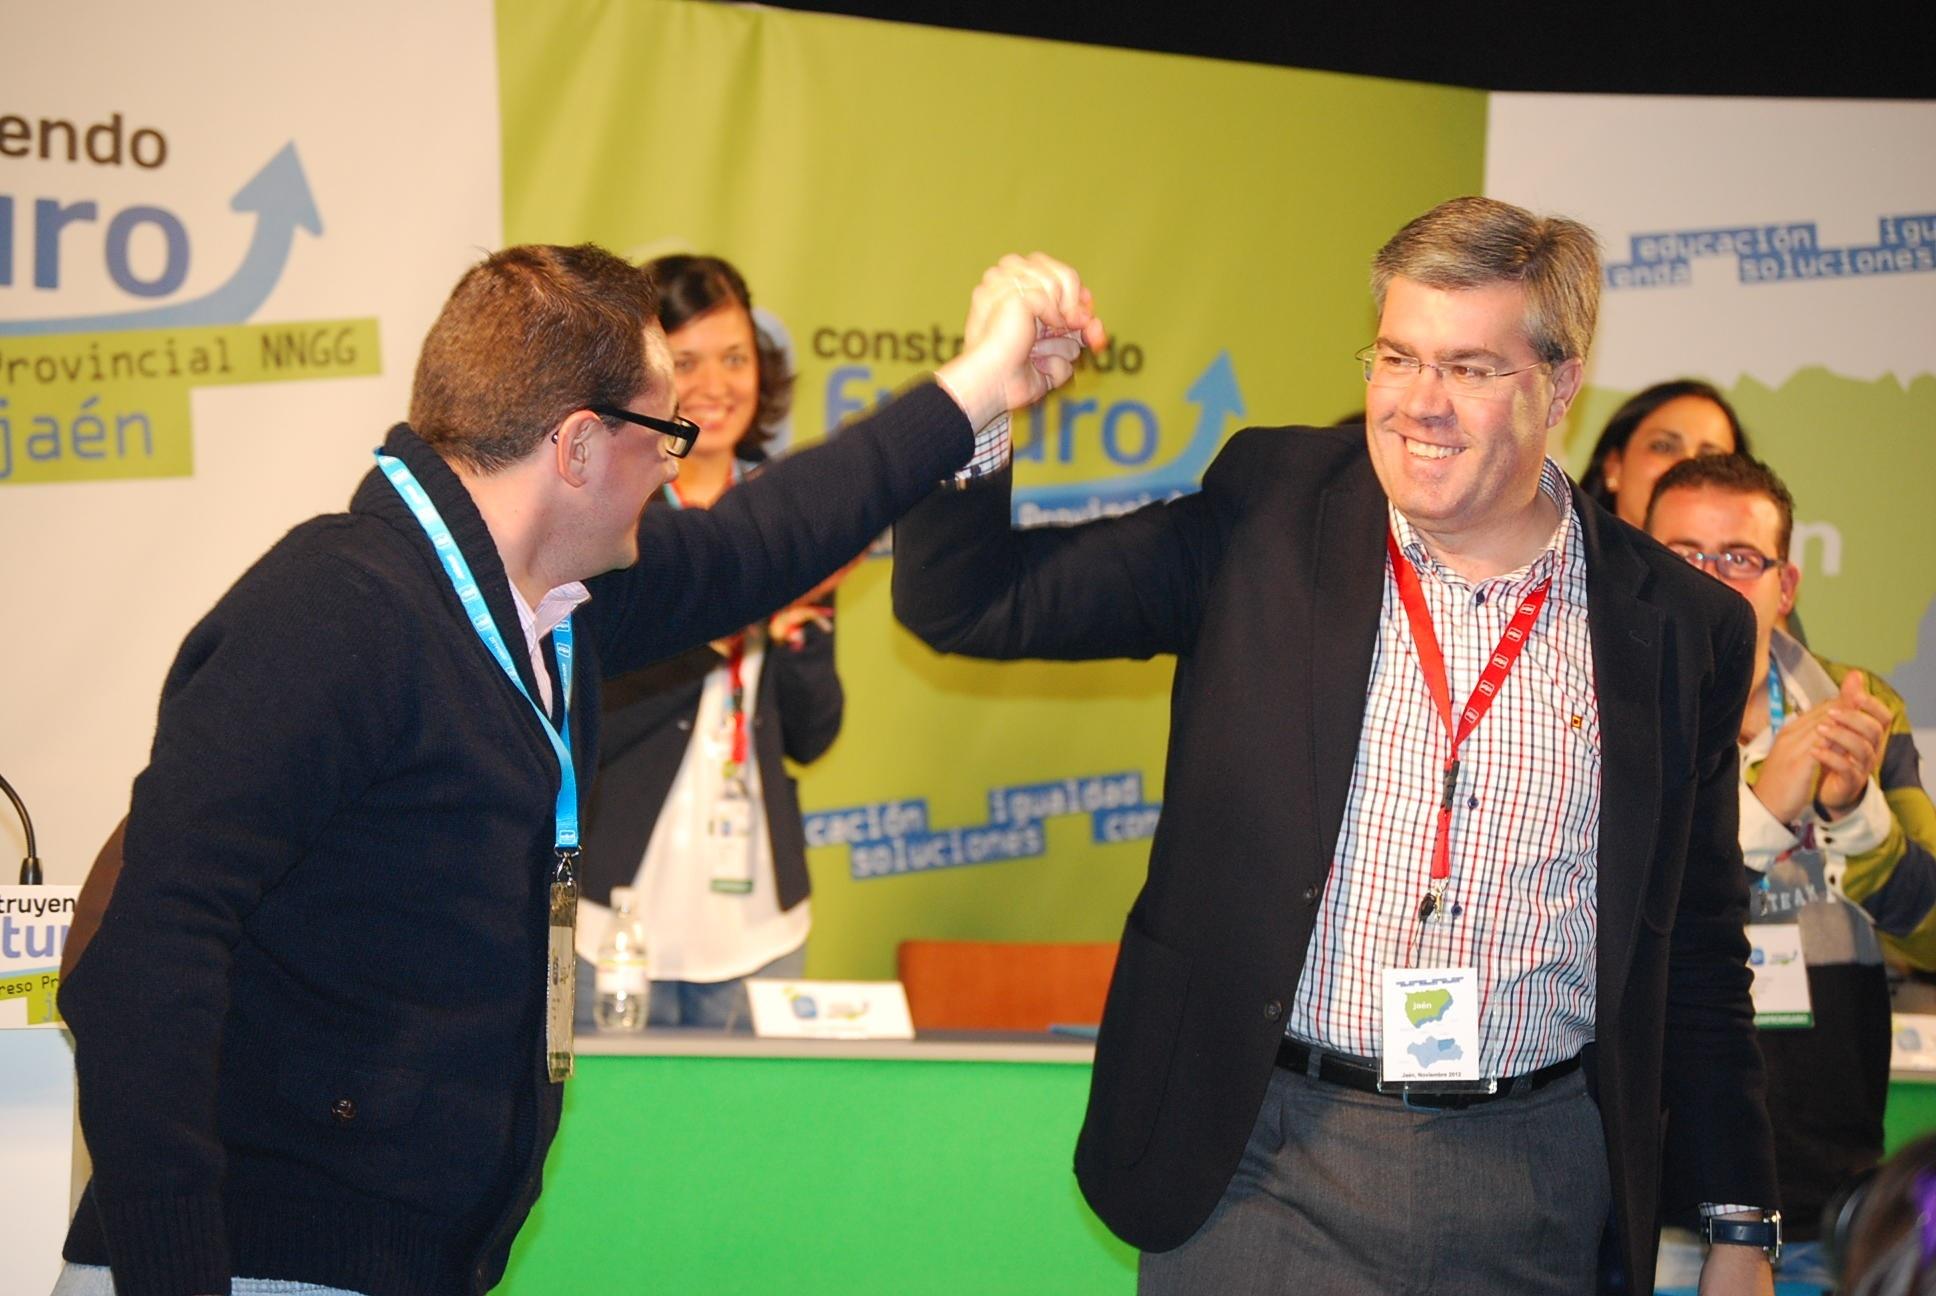 Roberto Moreno, reelegido presidente provincial de NNGG en Jaén con el 96,5% de los votos